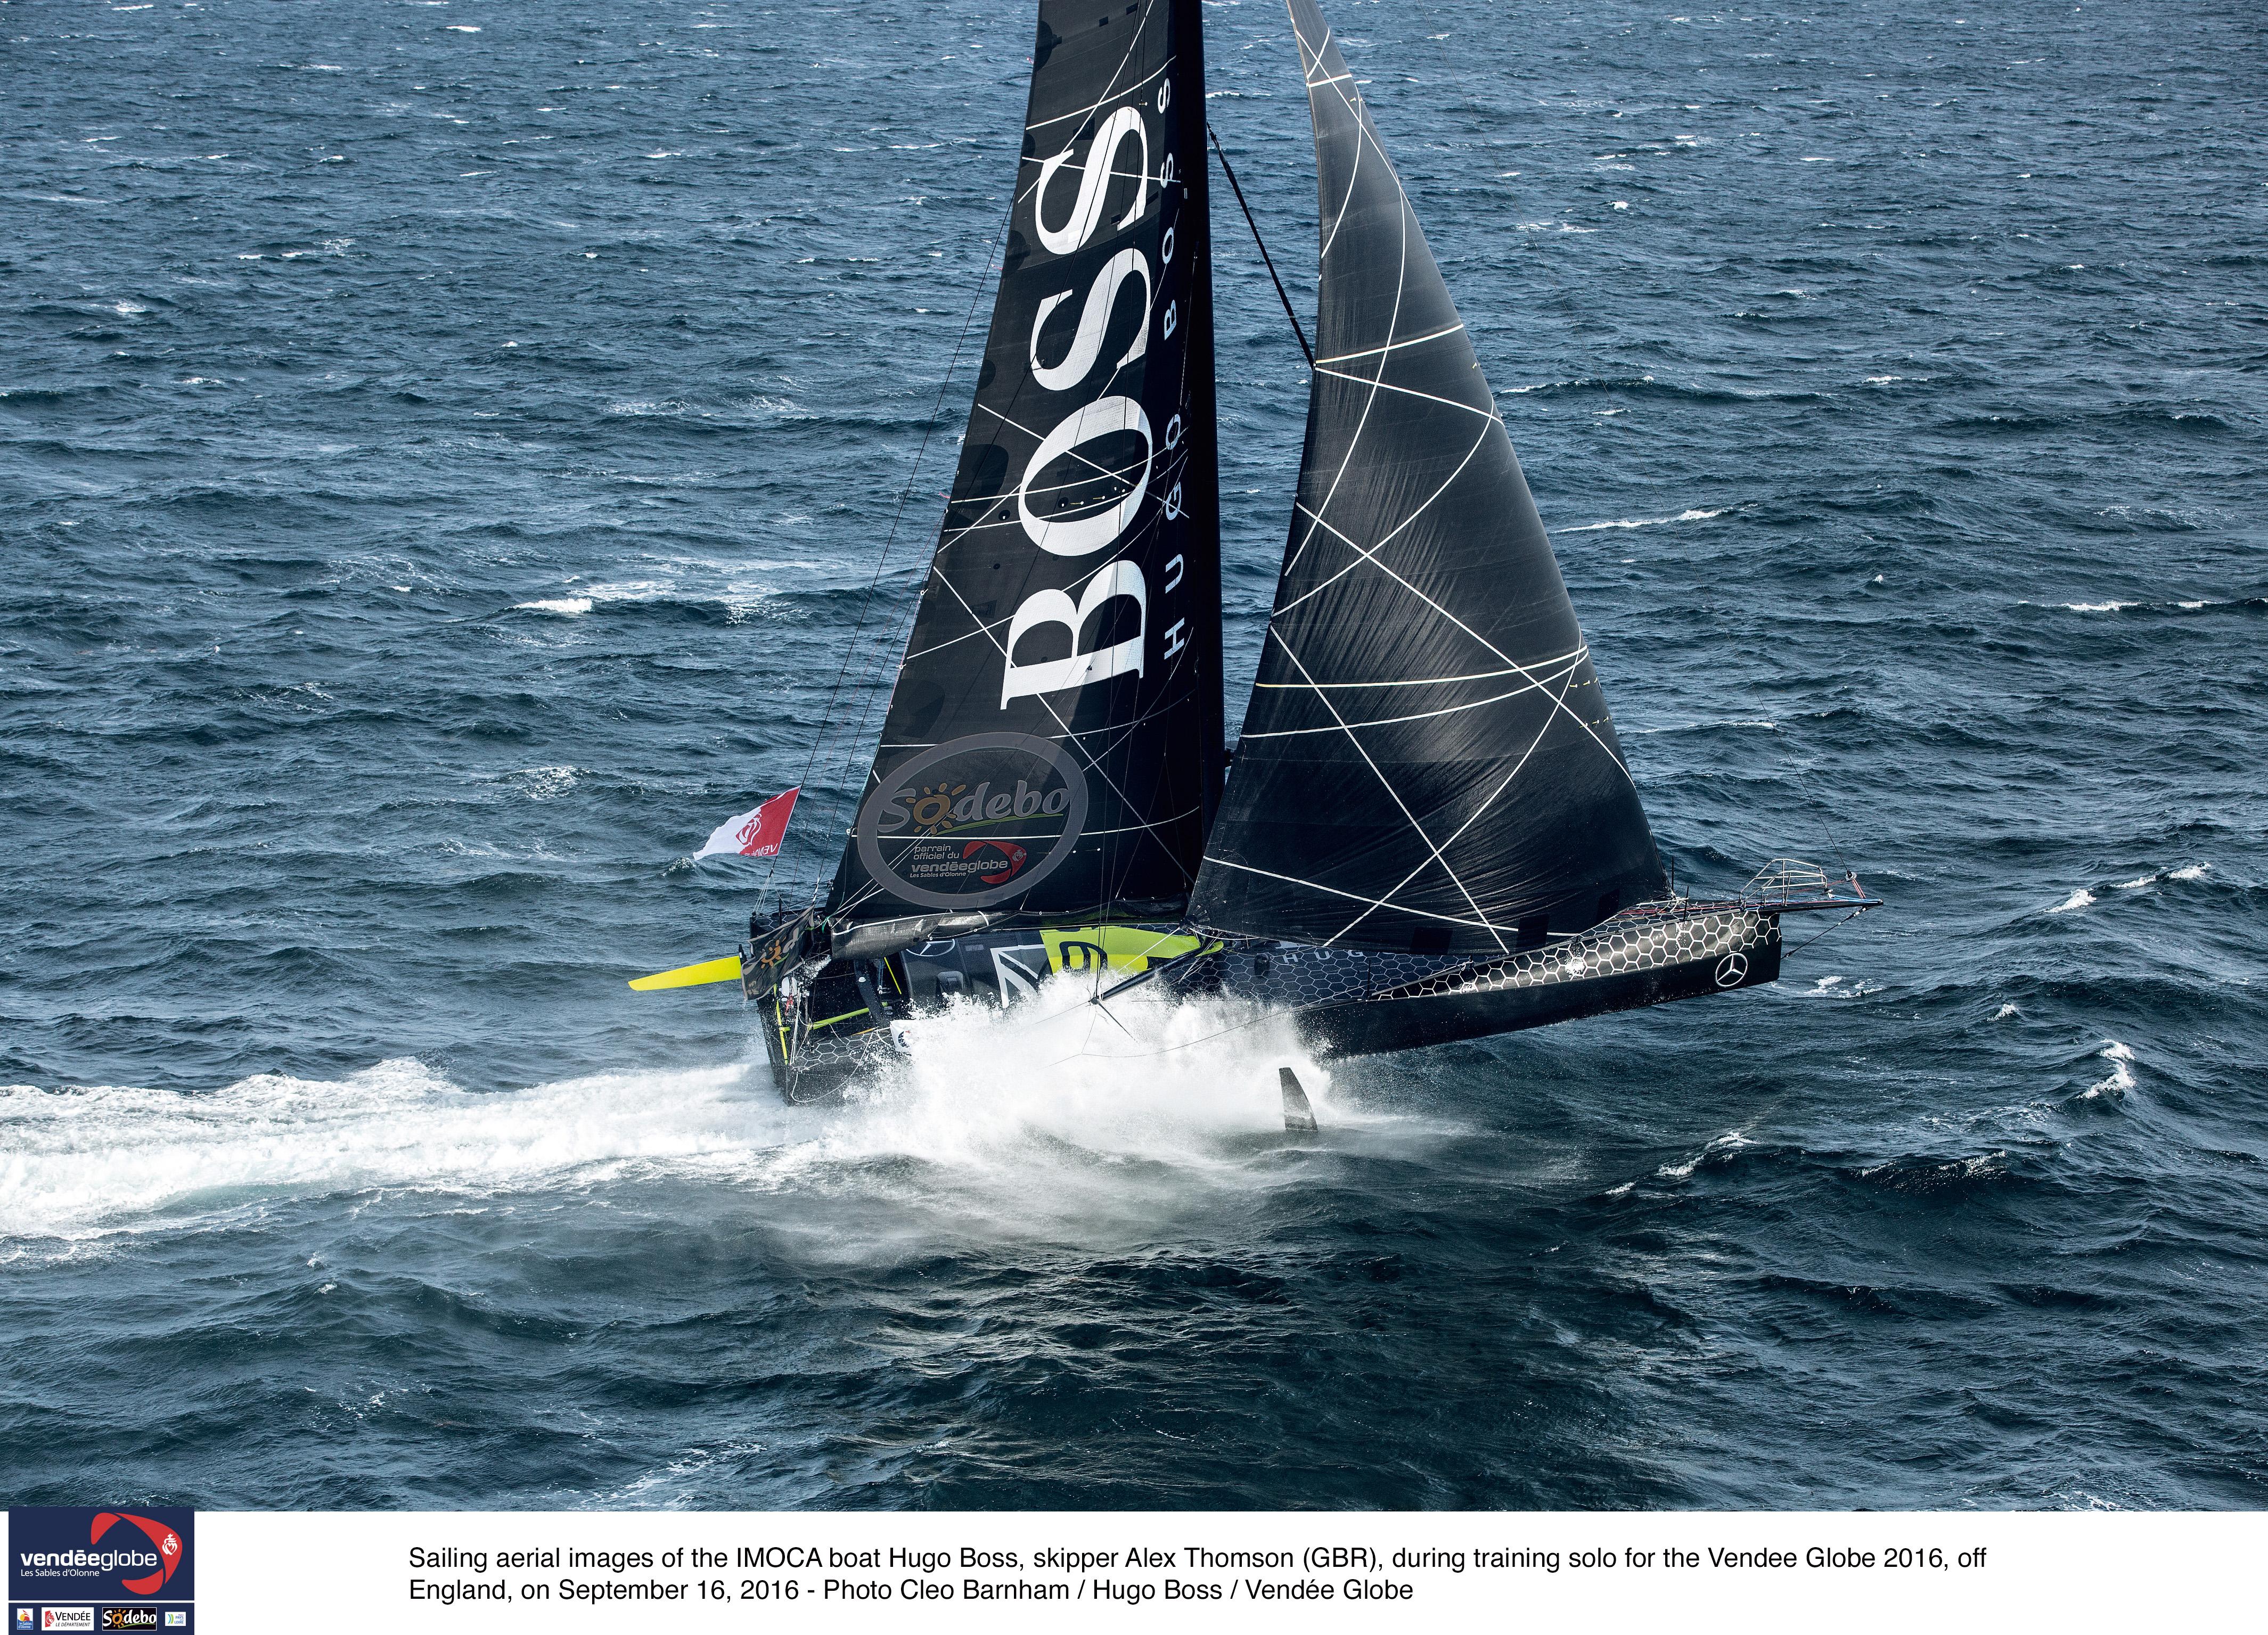 Alex Thomson victime d'un incident, son bateau endommagé — Vendée Globe